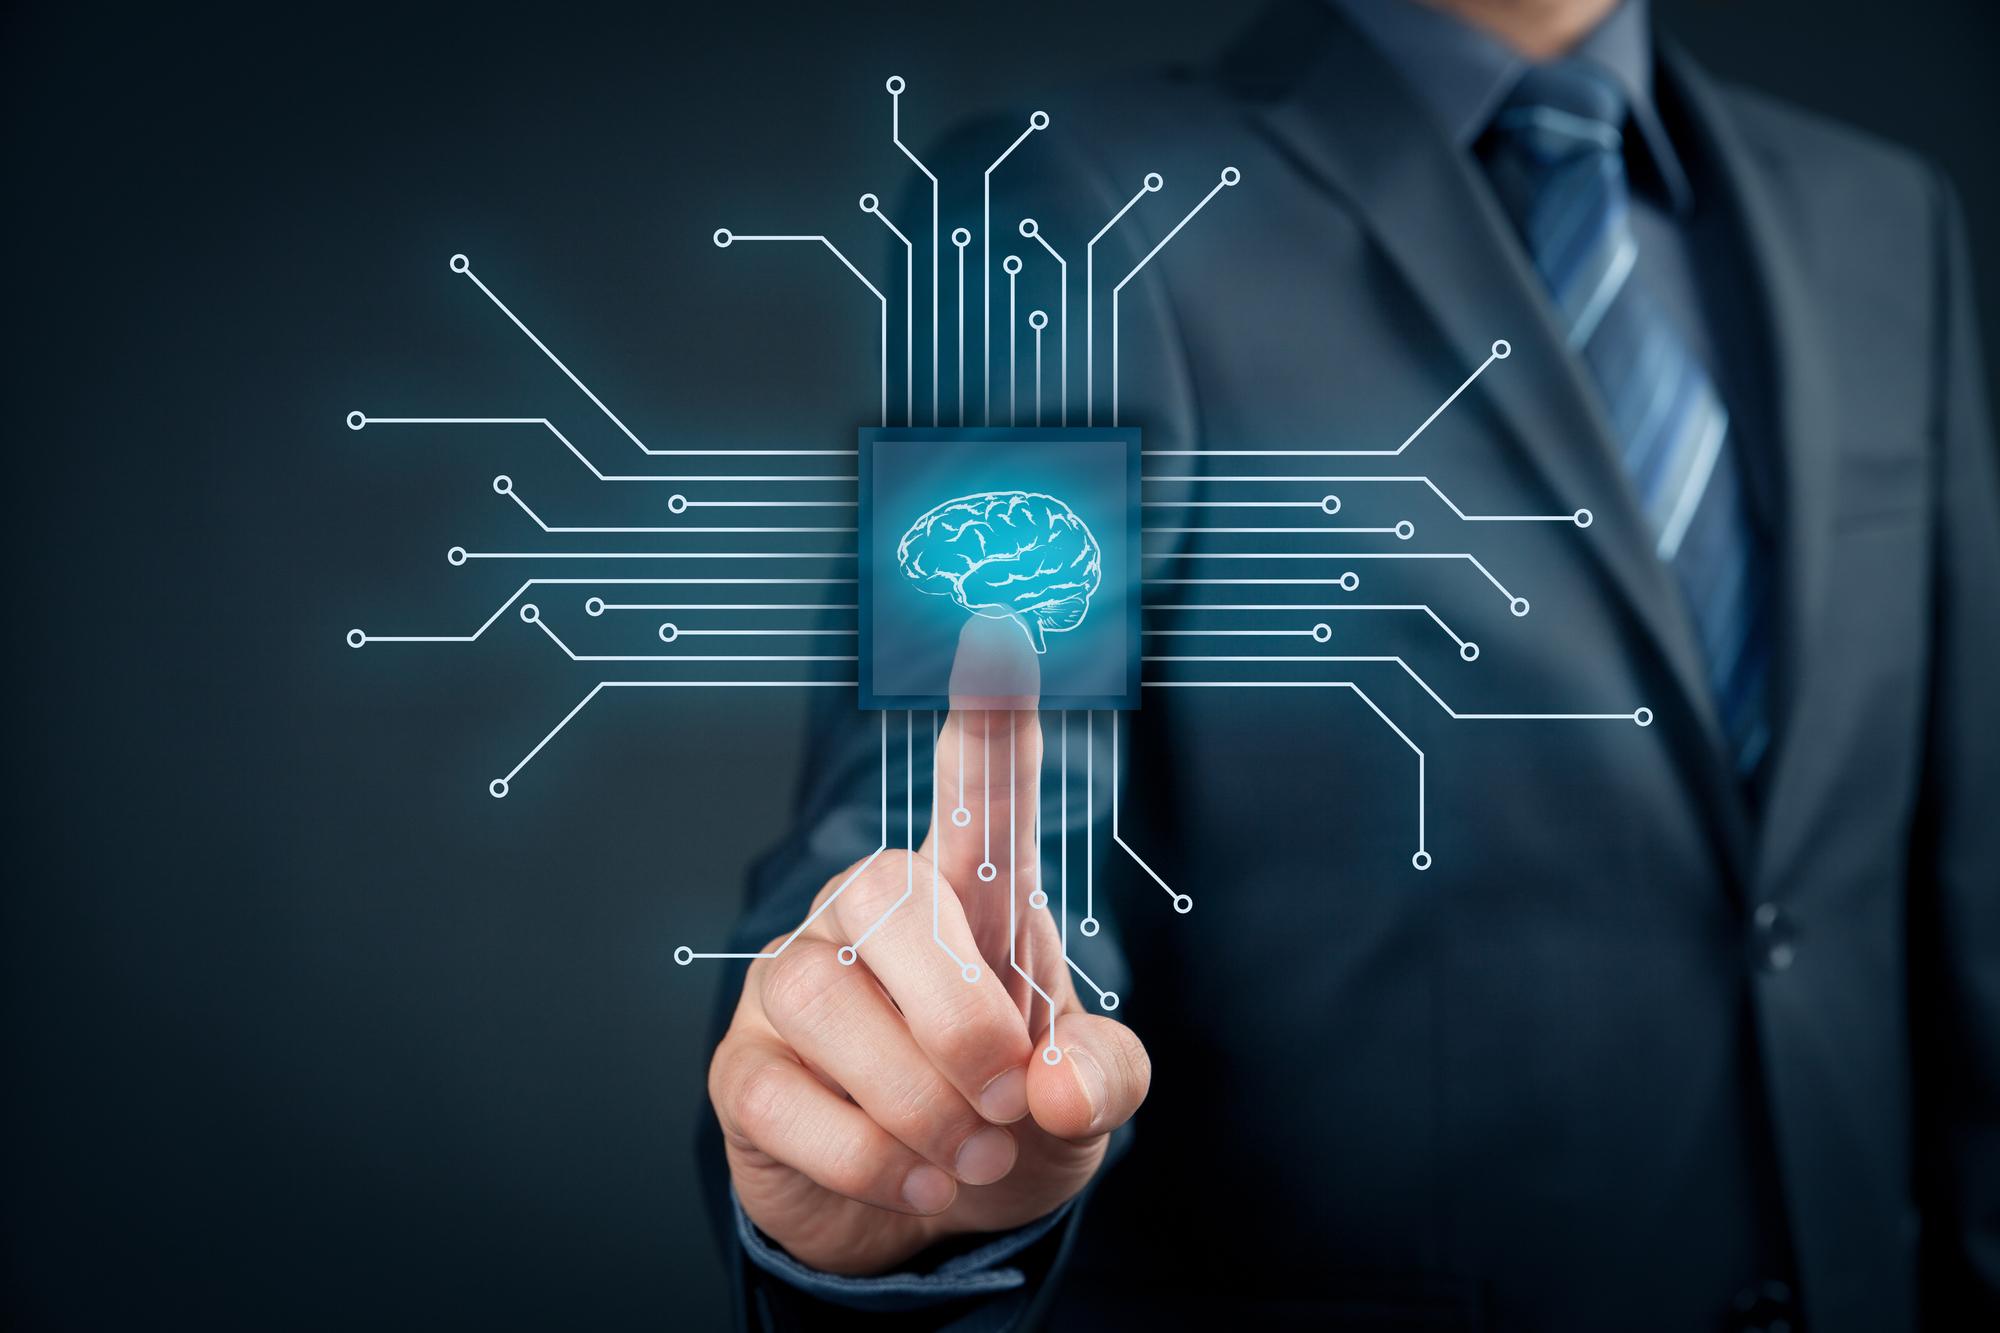 Штучний інтелект навчили створювати відеоролики з новинами